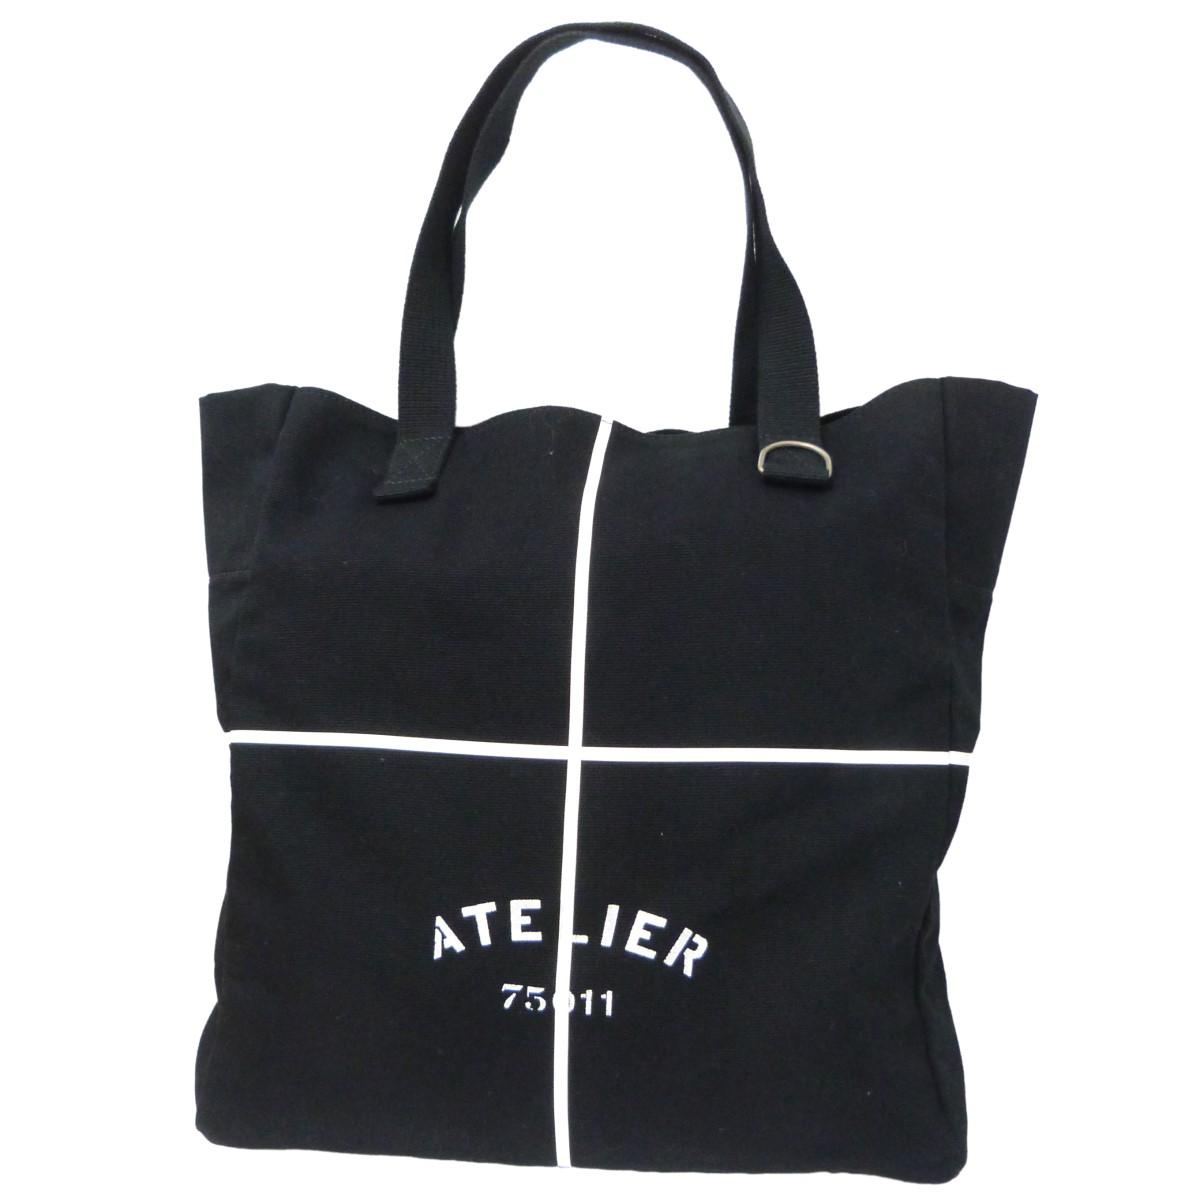 【中古】MARTIN MARGIELA 11 18SS「Atelier Tote Bag」キャンバストートバッグ ブラック サイズ:- 【140820】(マルタンマルジェラ 11)